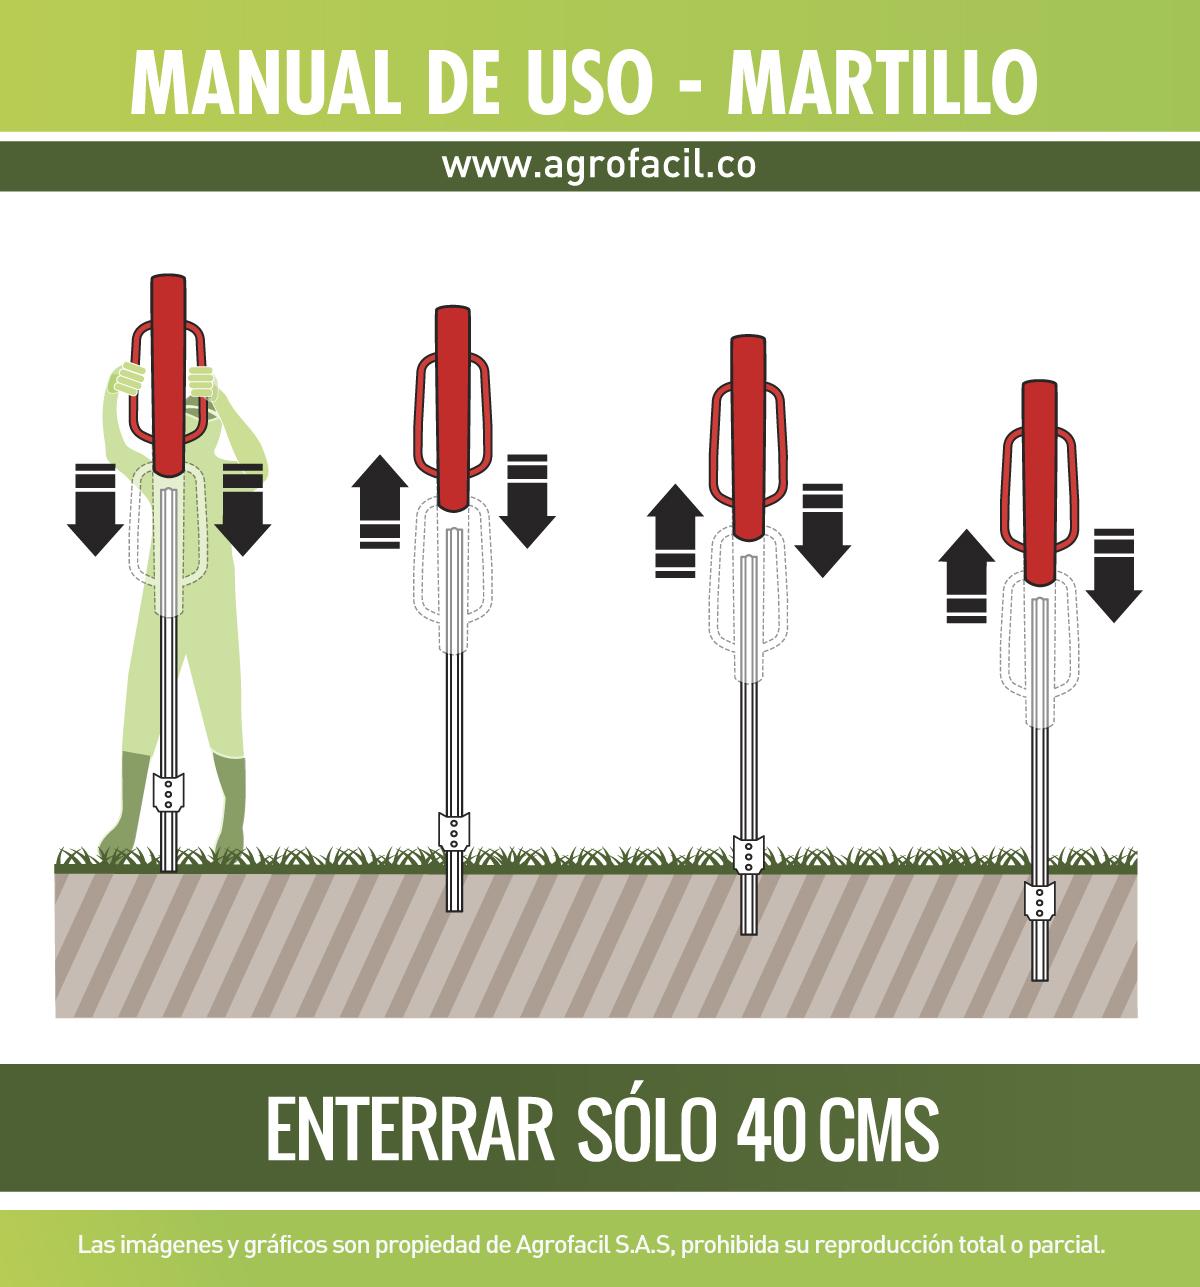 Martillo insta2 copy